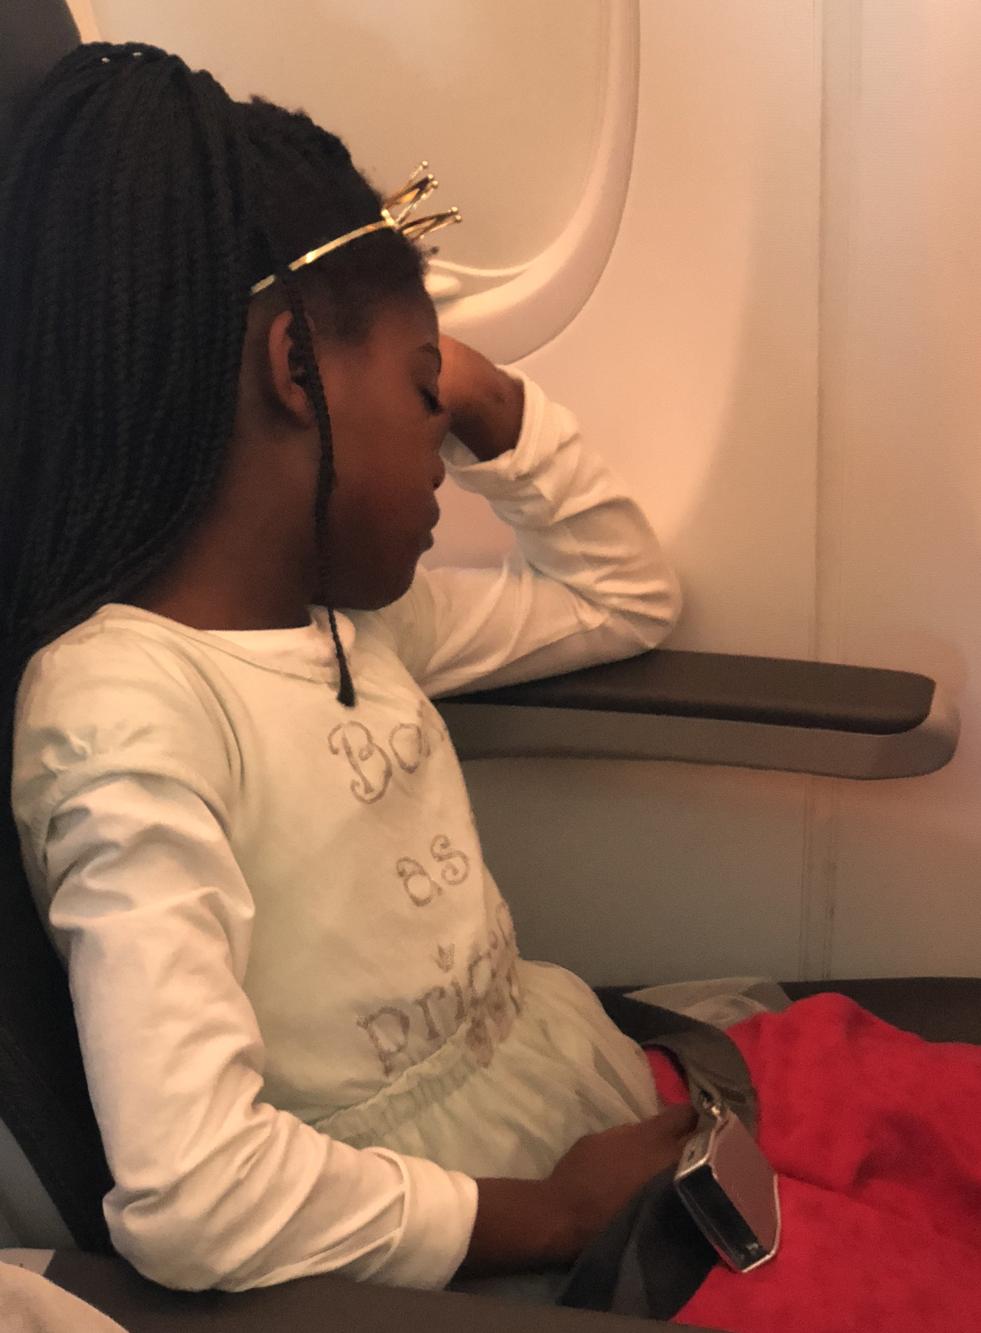 Man kunne godt blive lidt træt på flyvetren